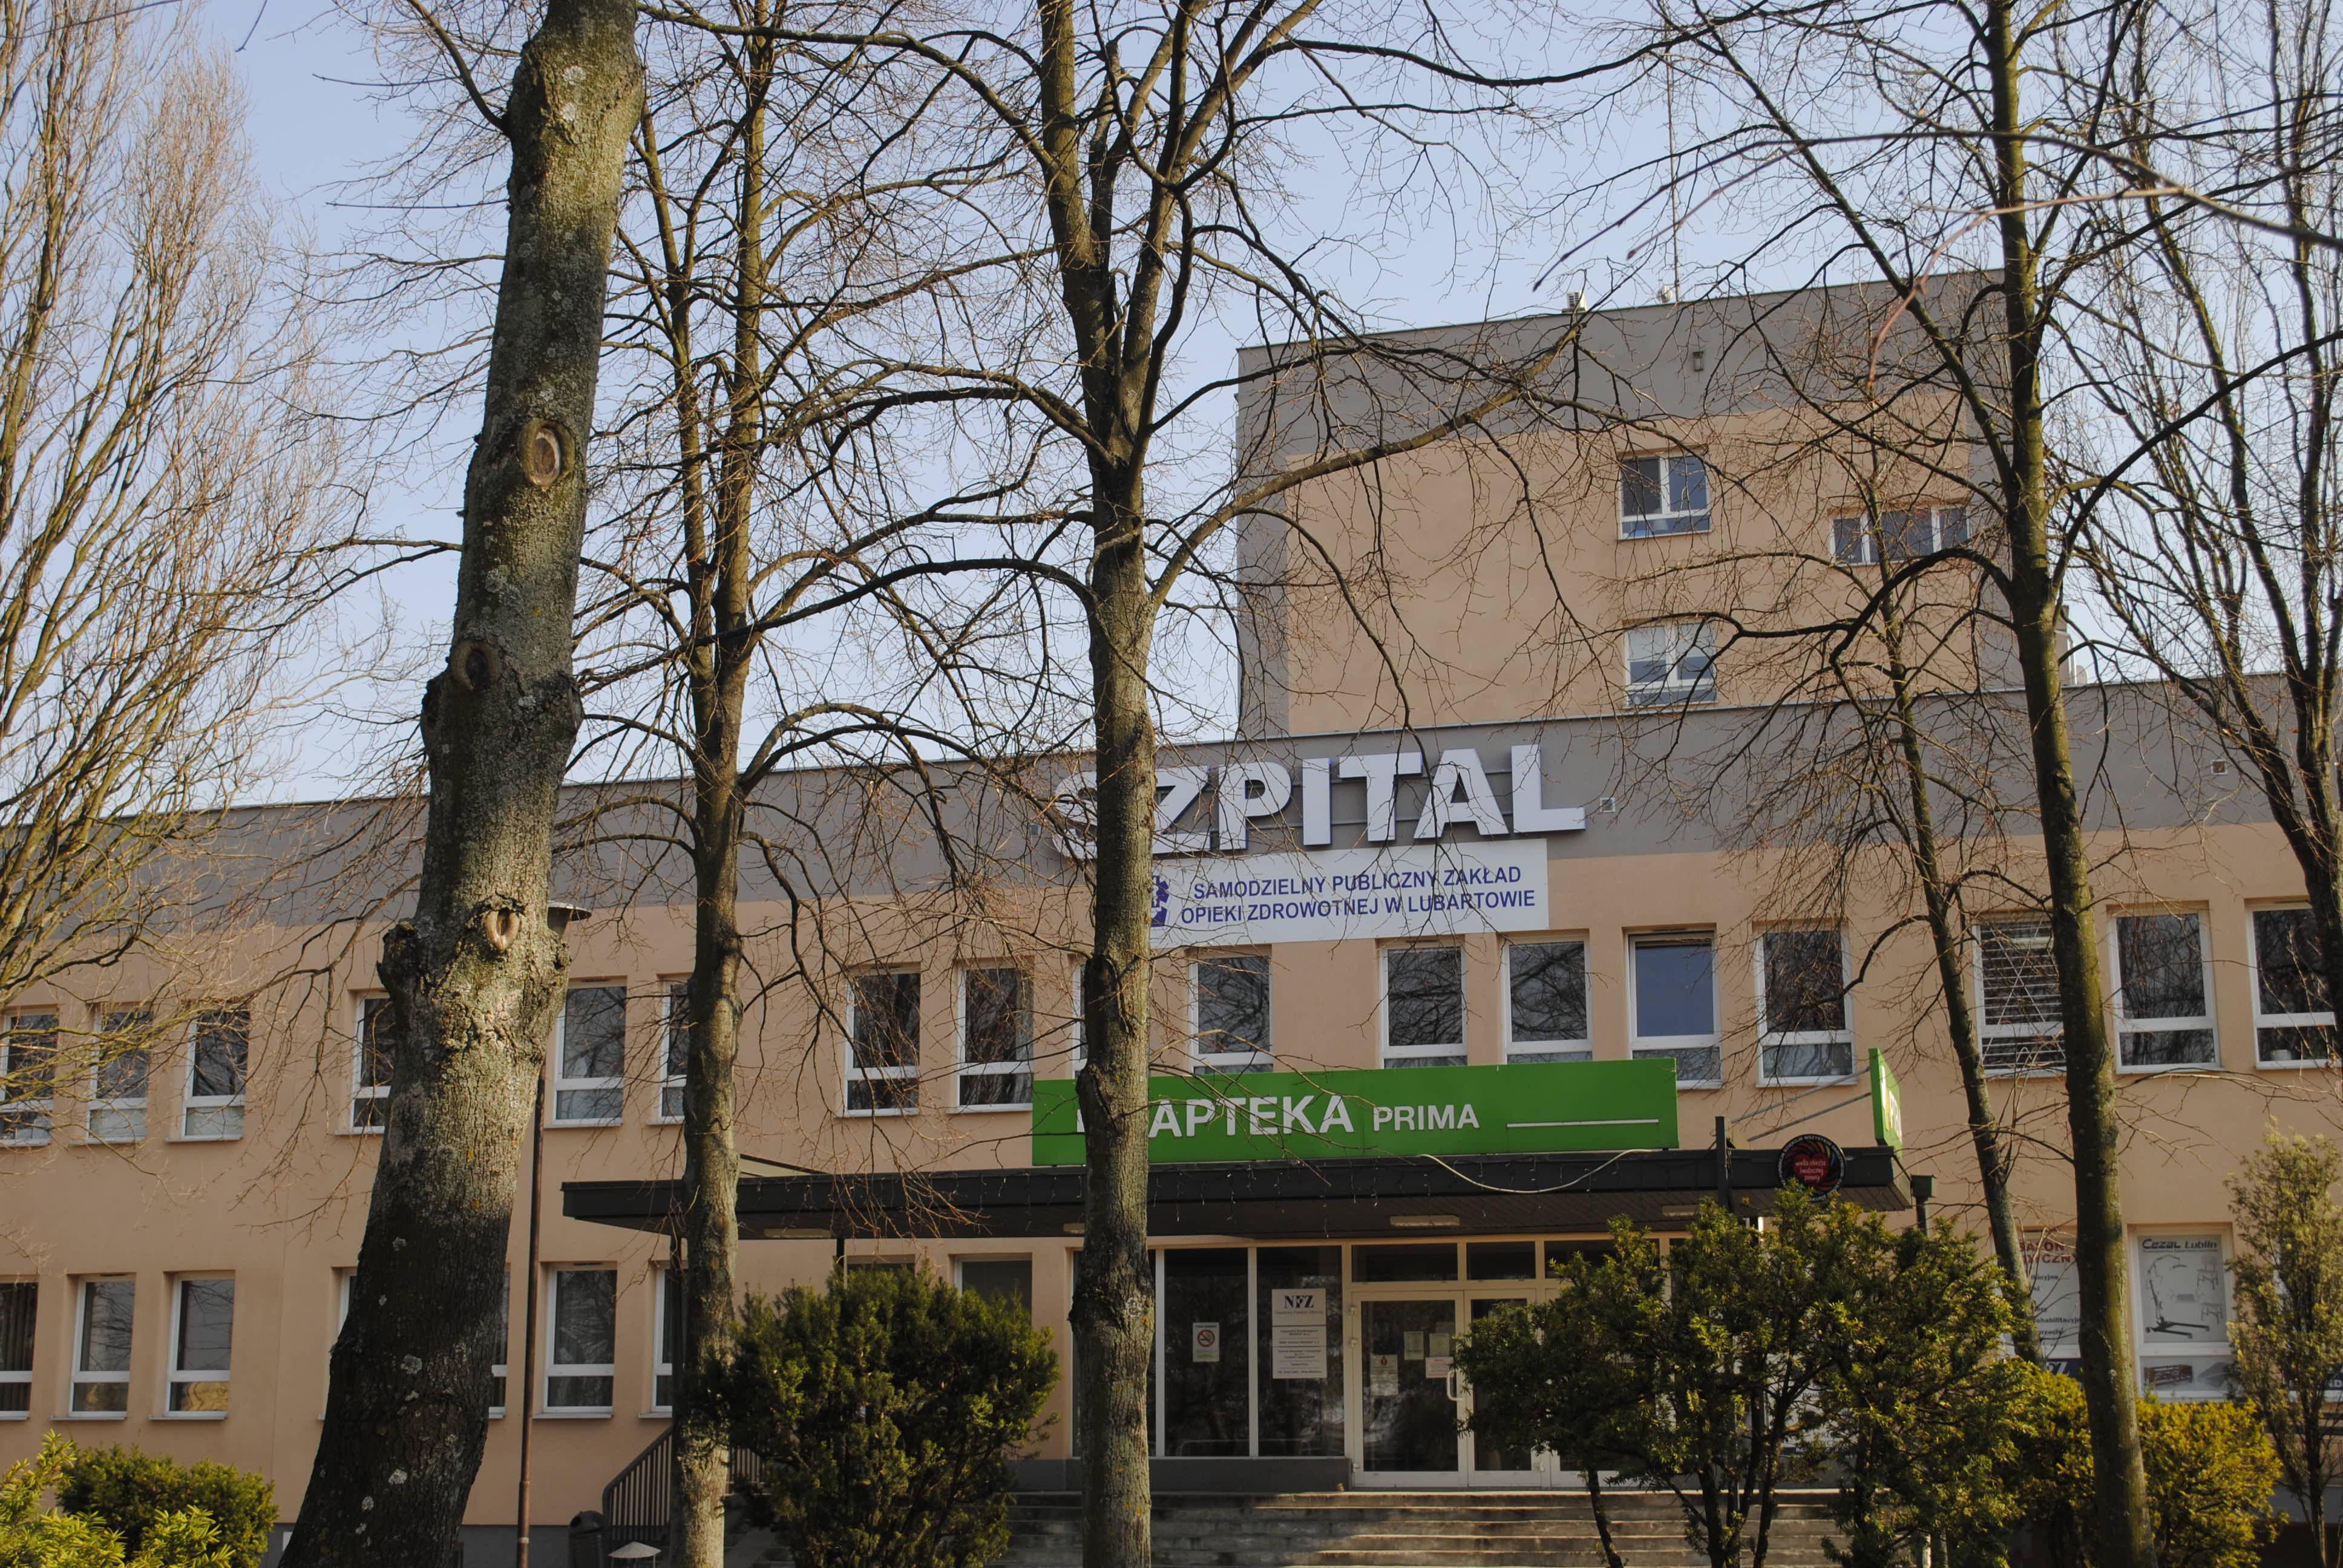 Koronawirus w lubartowskim szpitalu. Przyjęcia na oddział wewnętrzny wstrzymane - Zdjęcie główne